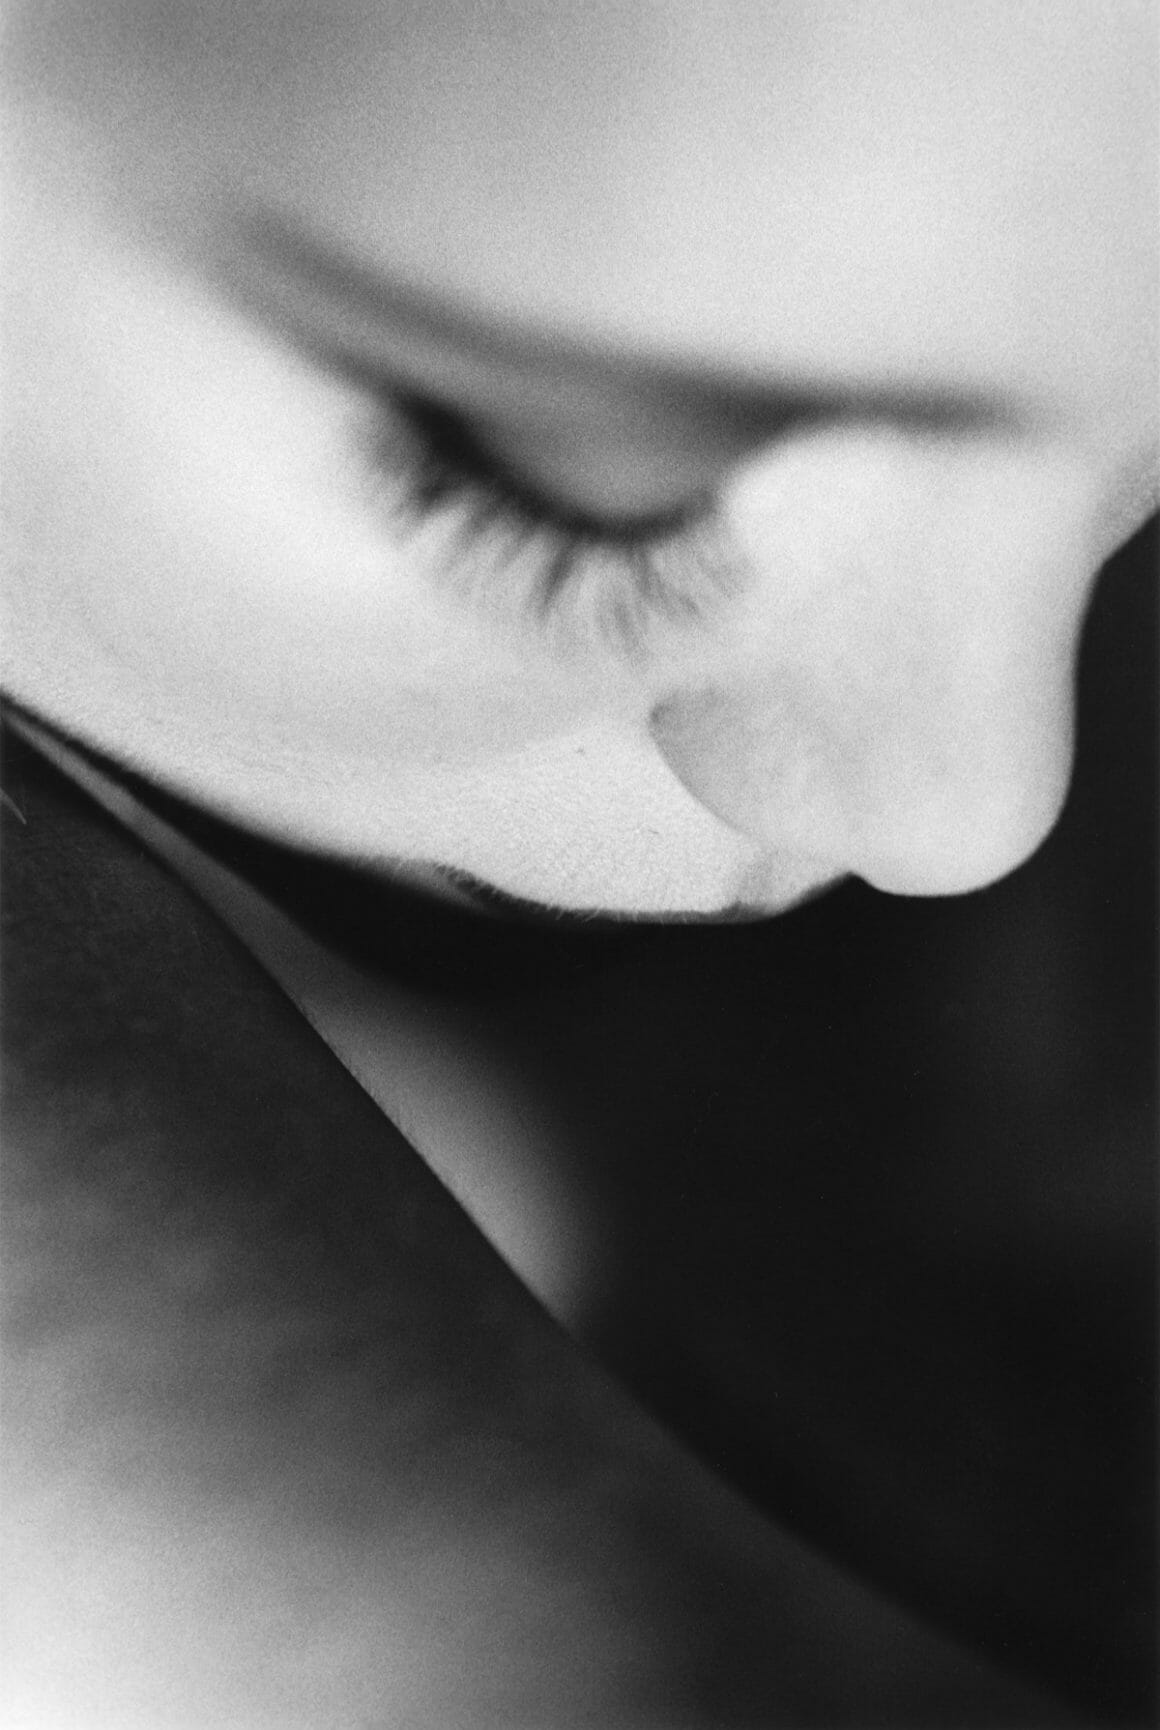 Portrait photo réalisé par l'artiste américain David Lynch